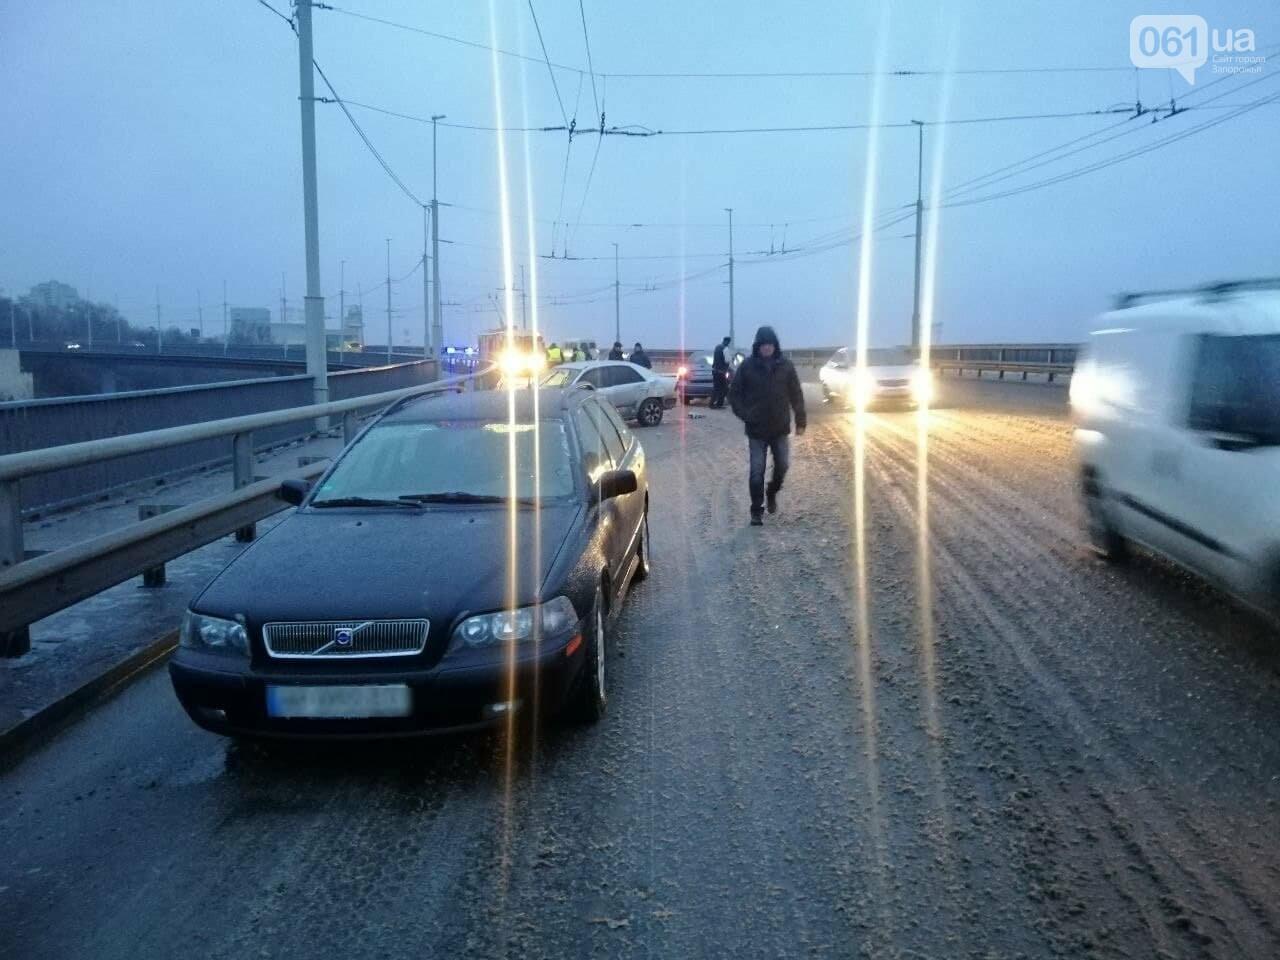 В Запорожье на плотине ДнепроГЭС две иномарки не поделили дорогу, - ФОТО, фото-1